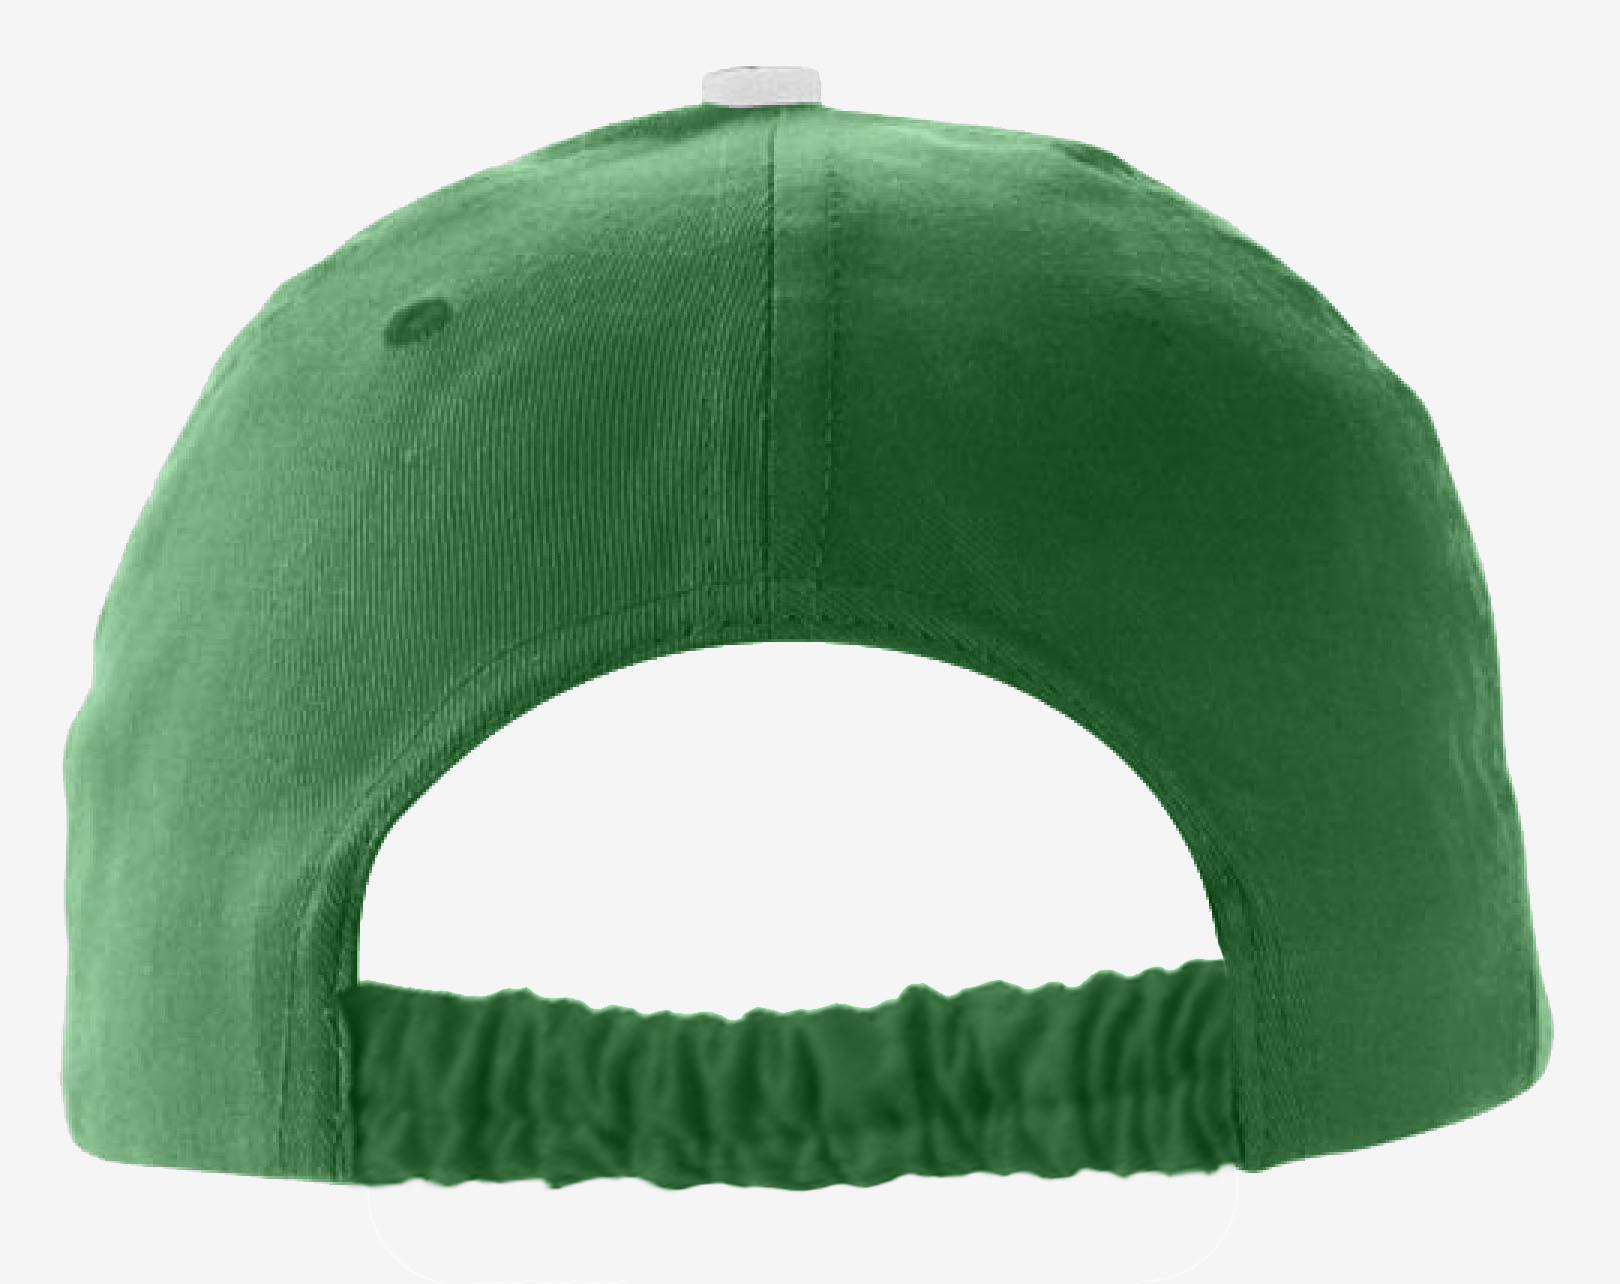 Cappellini personalizzati con chiusura in elastico 76211e9e60c4